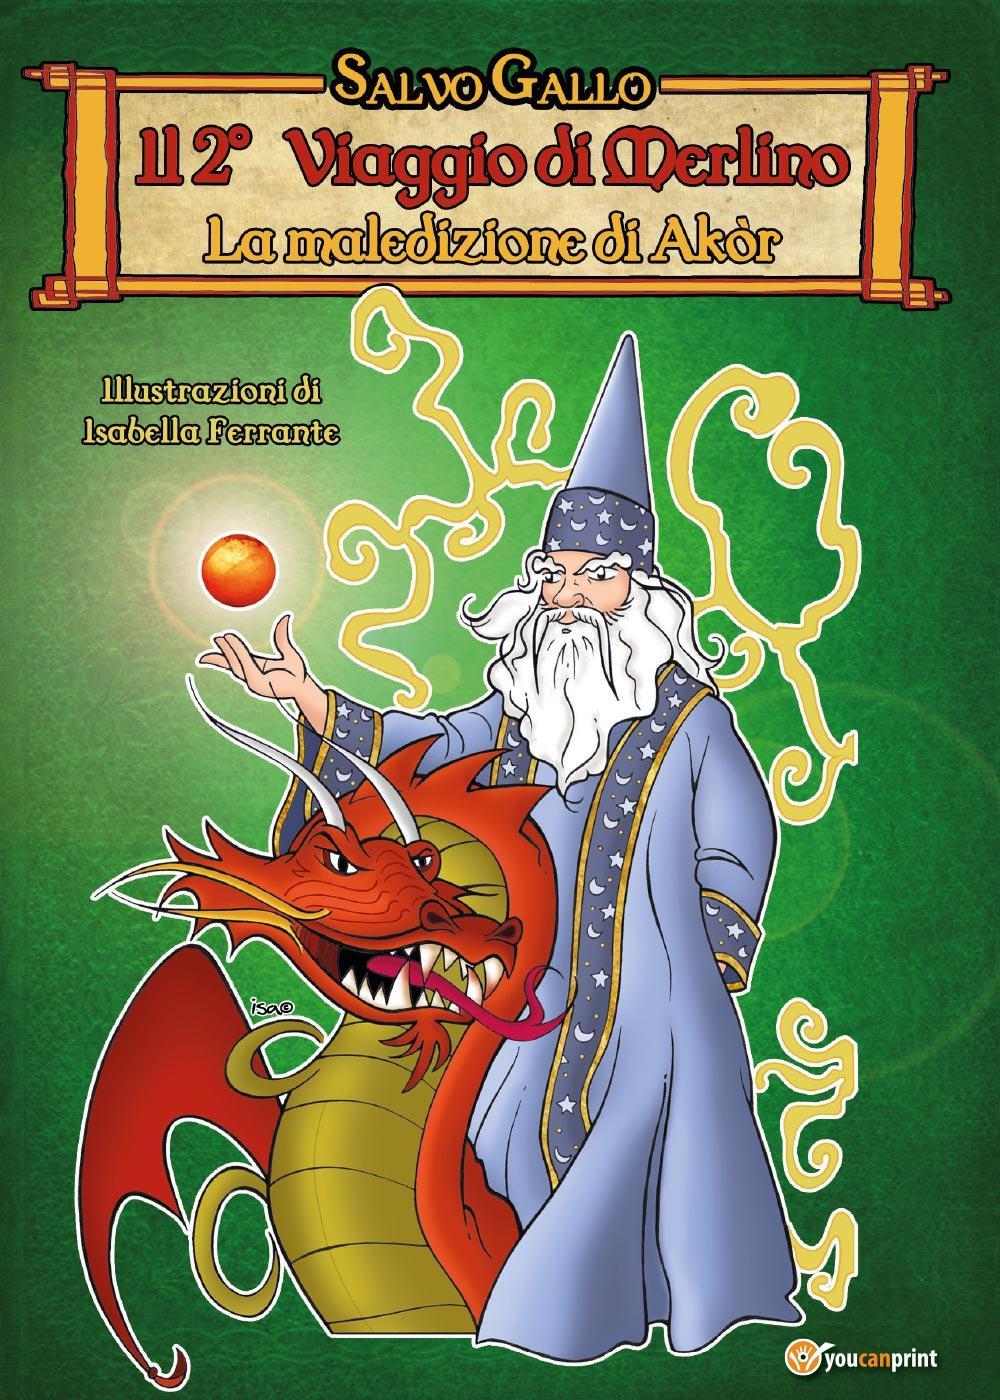 Il 2° Viaggio di Merlino- La Maledizione di Akòr